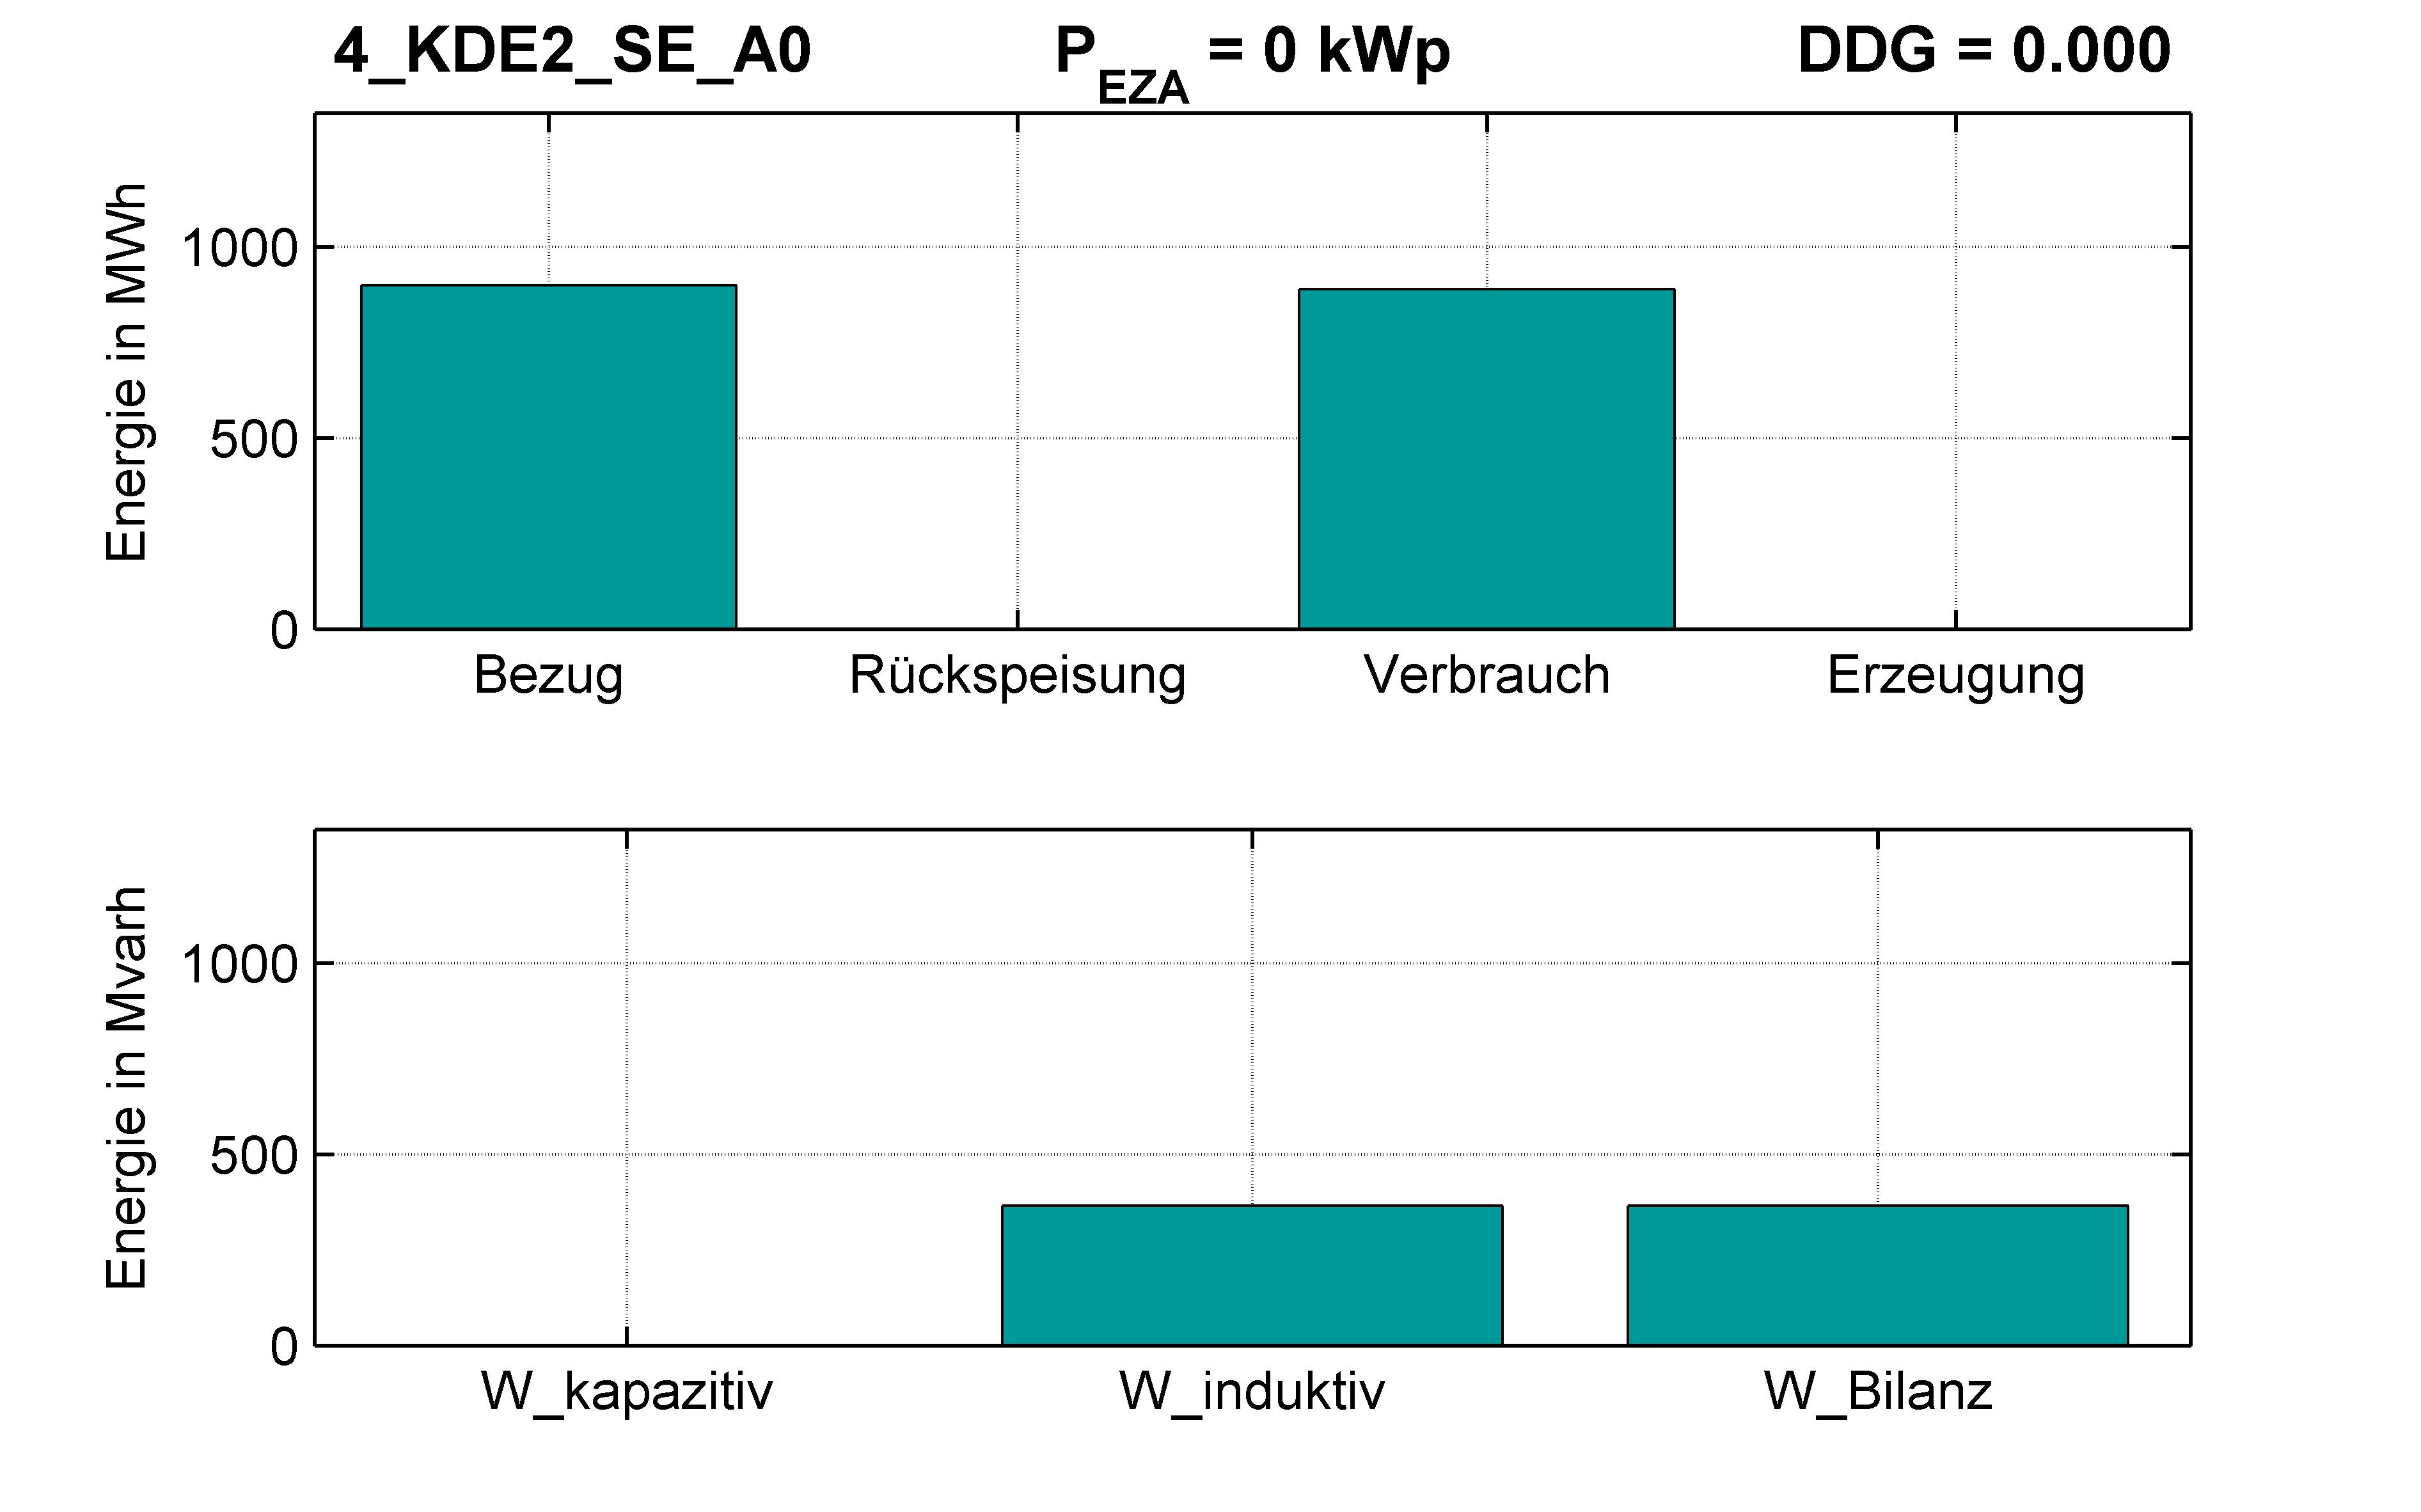 KDE2 | P-Kappung 55% (SE) A0 | PQ-Bilanz